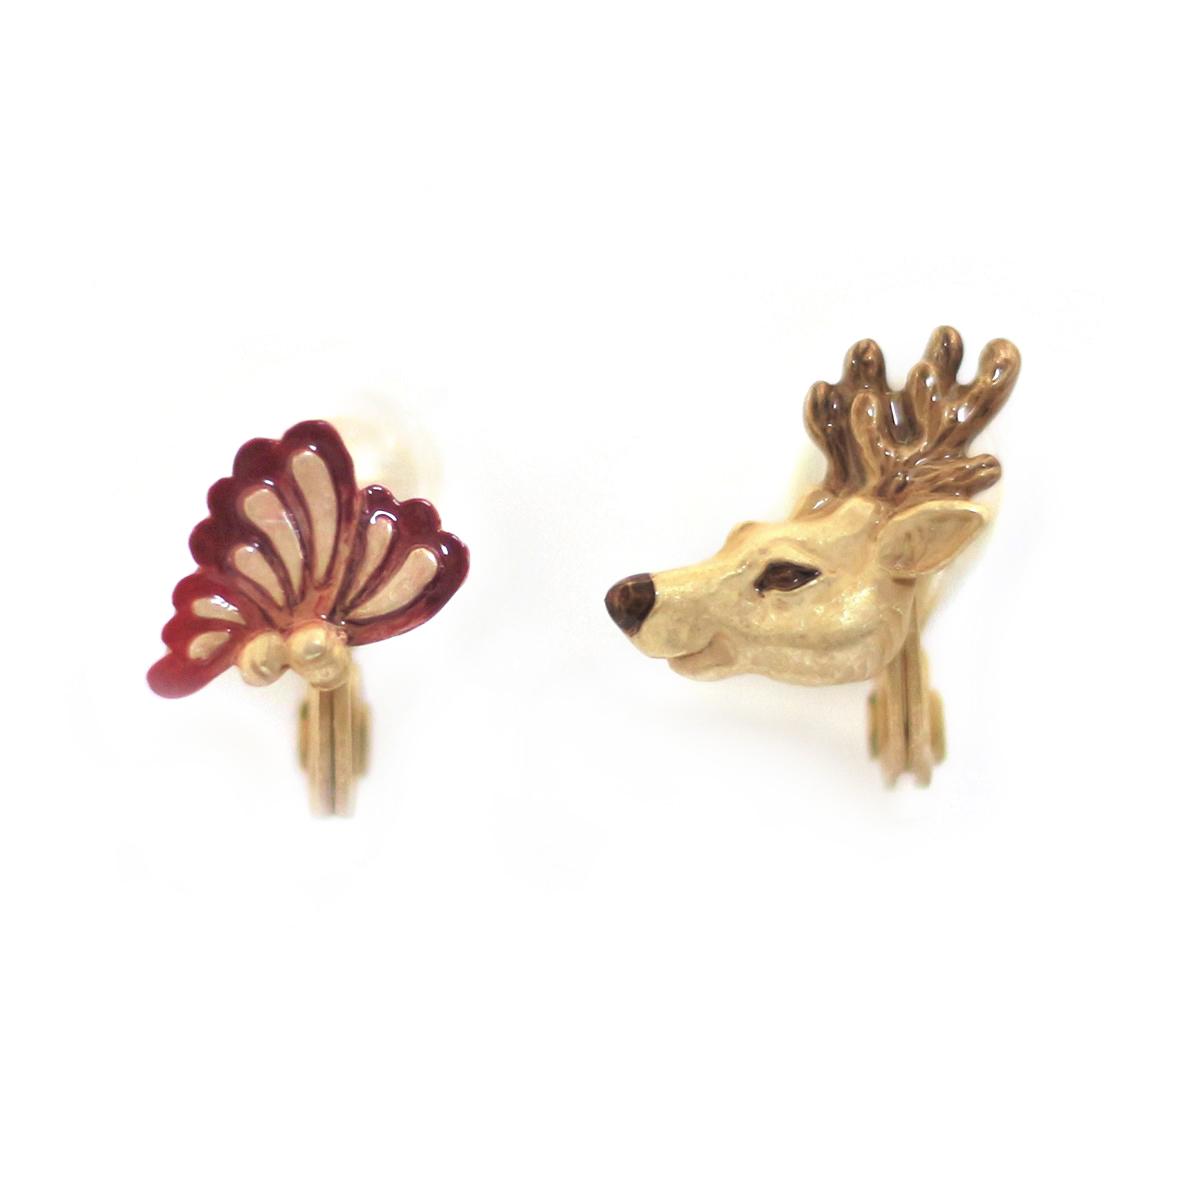 蝶鹿(ちょうか)イヤリング / イヤリング